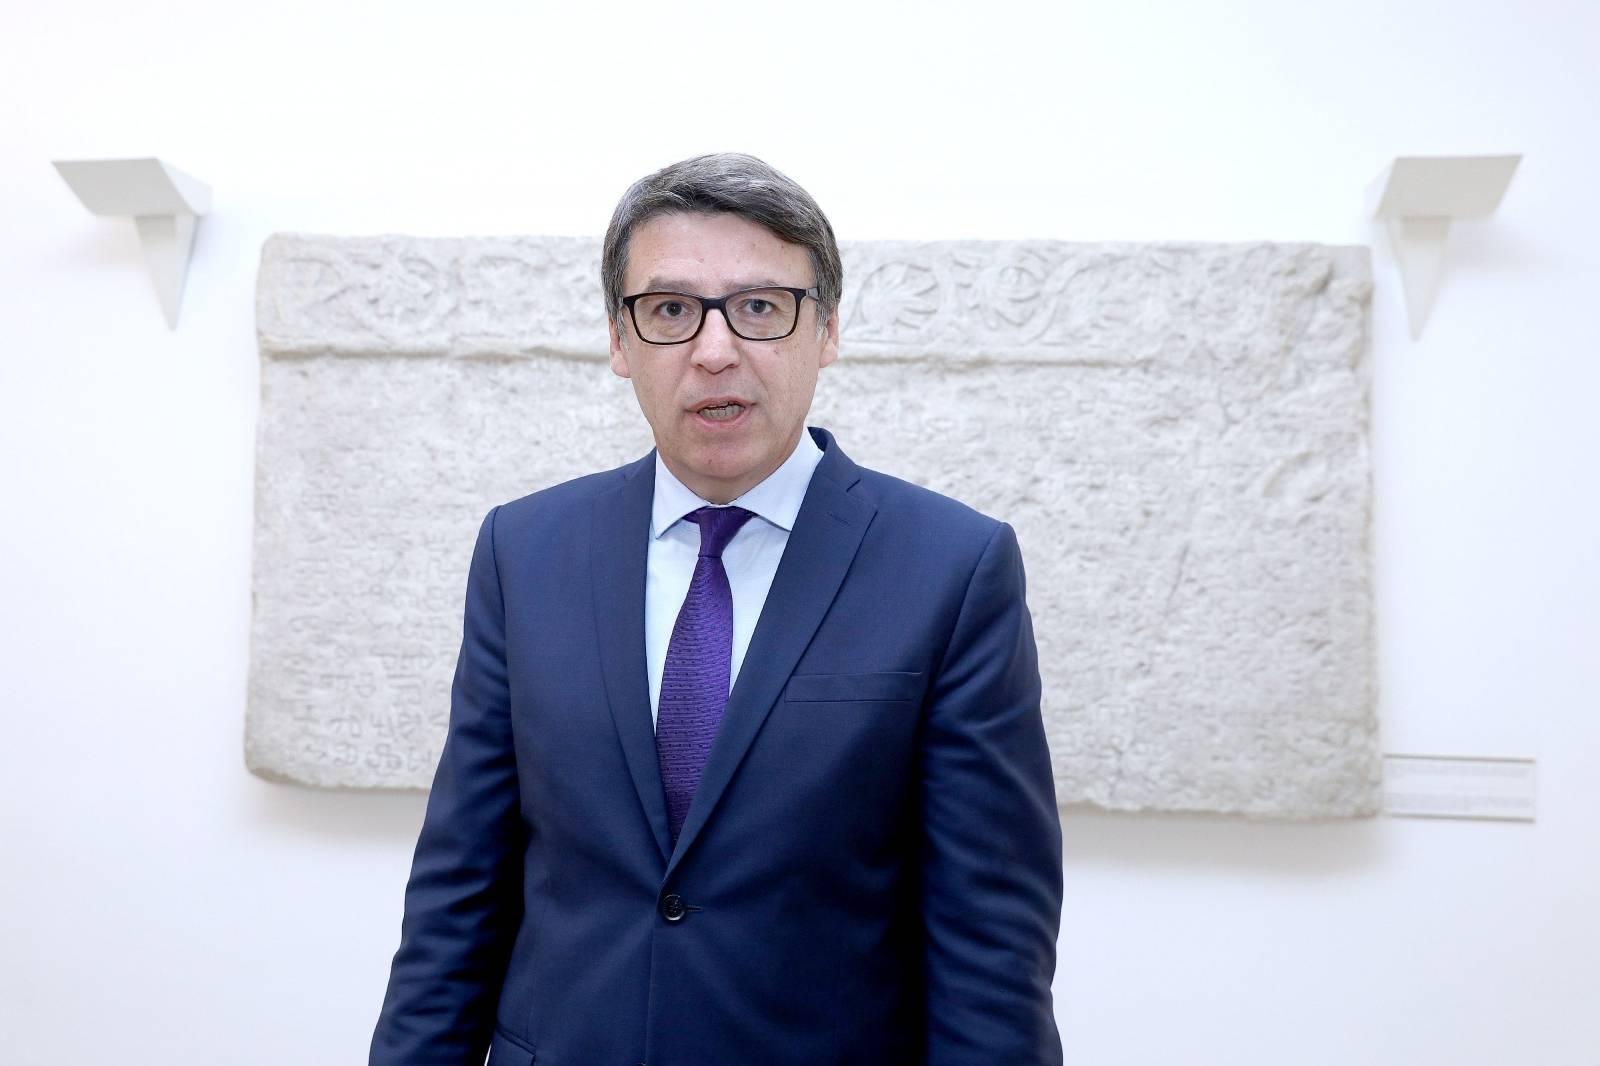 Željko Jovanović komentirao strajk školskih sindikata i izjave dužnosnika